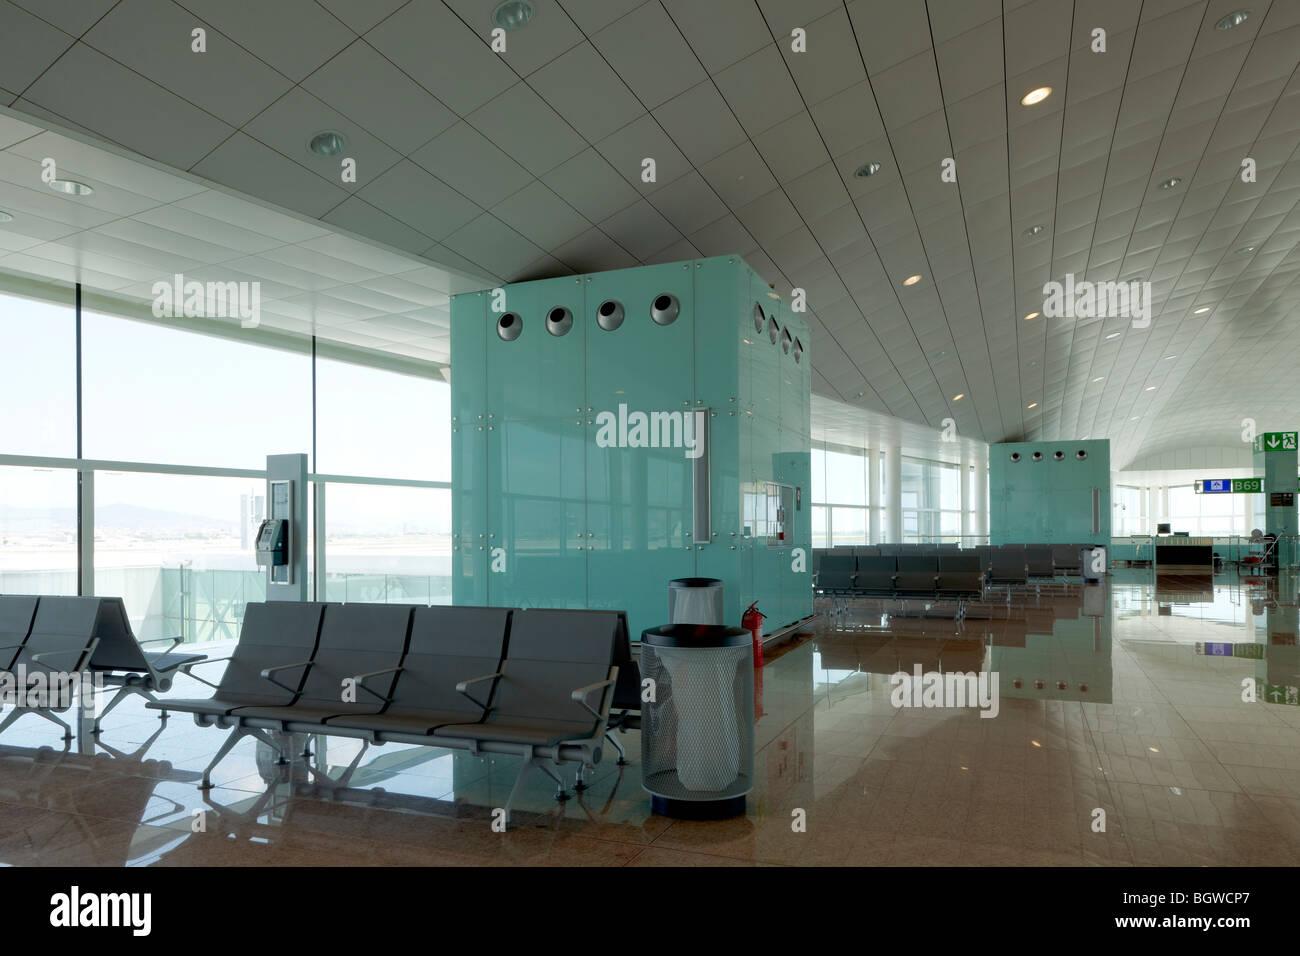 Natürliche Lichtquellen innenansicht ende wichtigsten passagier-terminal gebäude nutzt